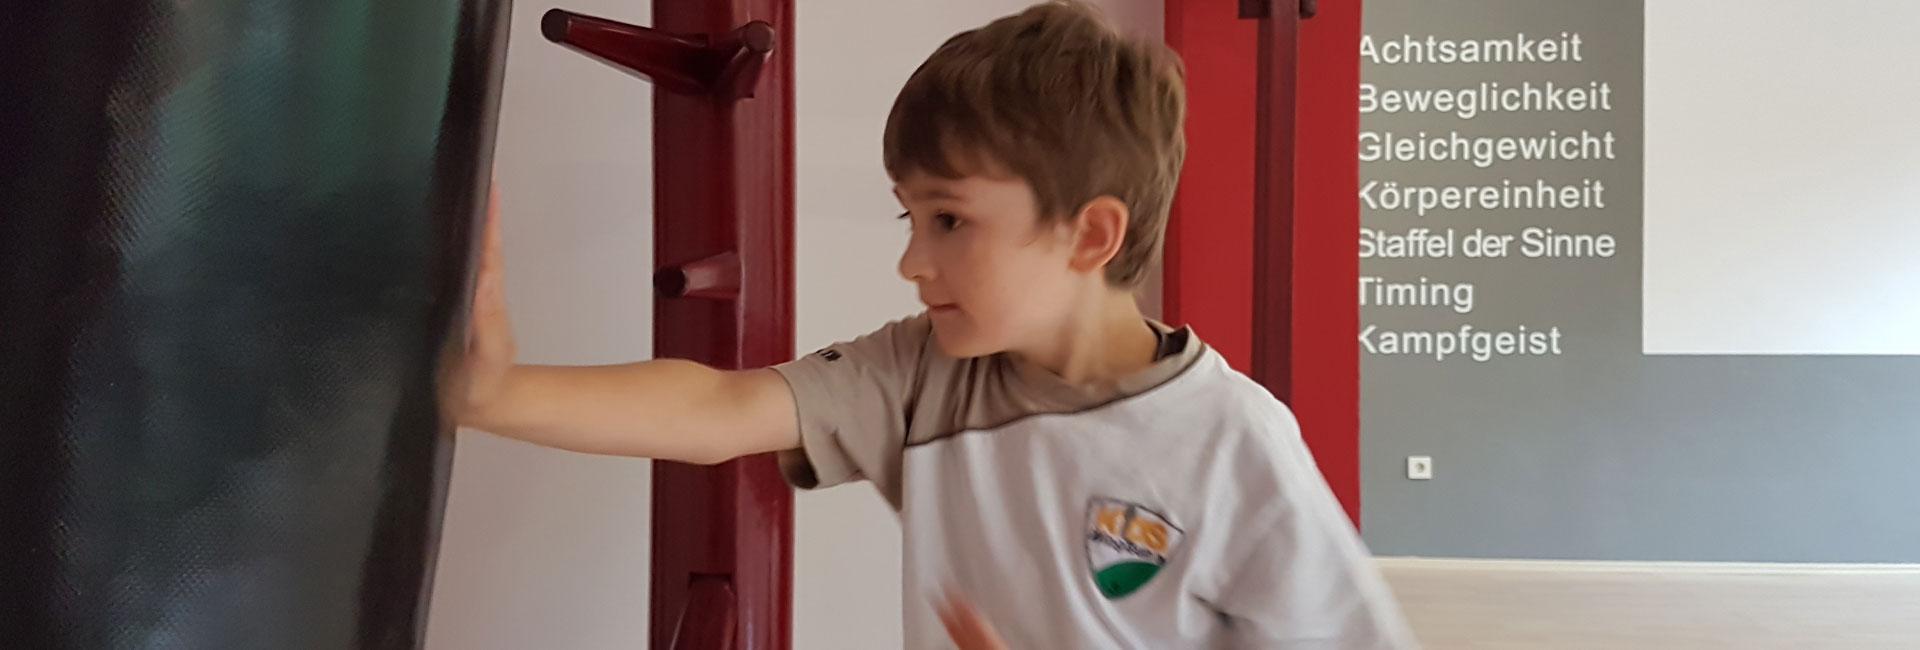 Selbstverteidigungskurs für Kinder in Hamburg